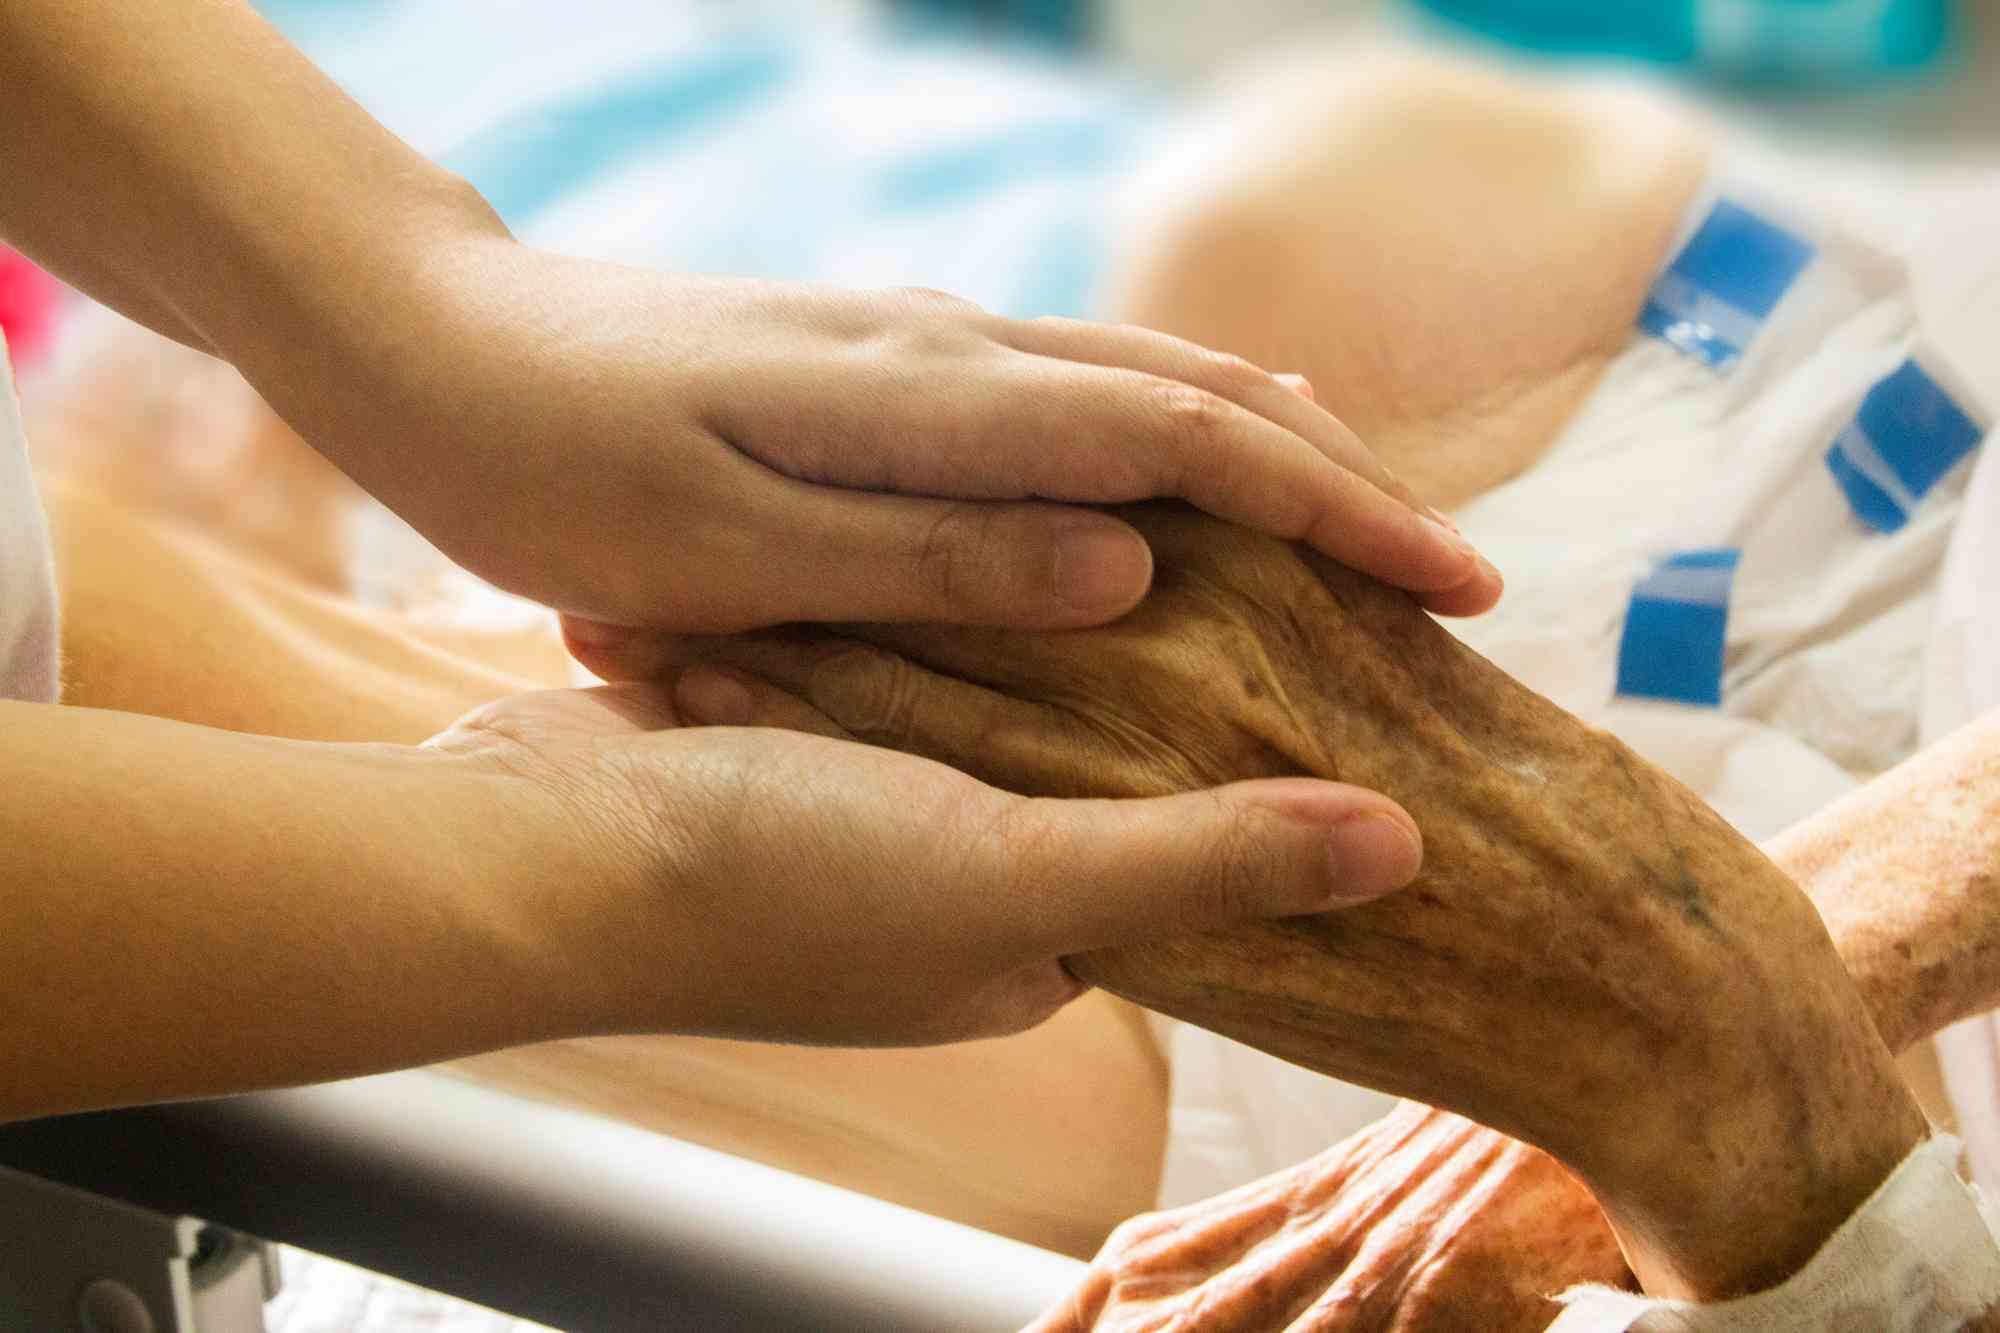 Osoba trzymająca rękę pacjenta w szpitalu